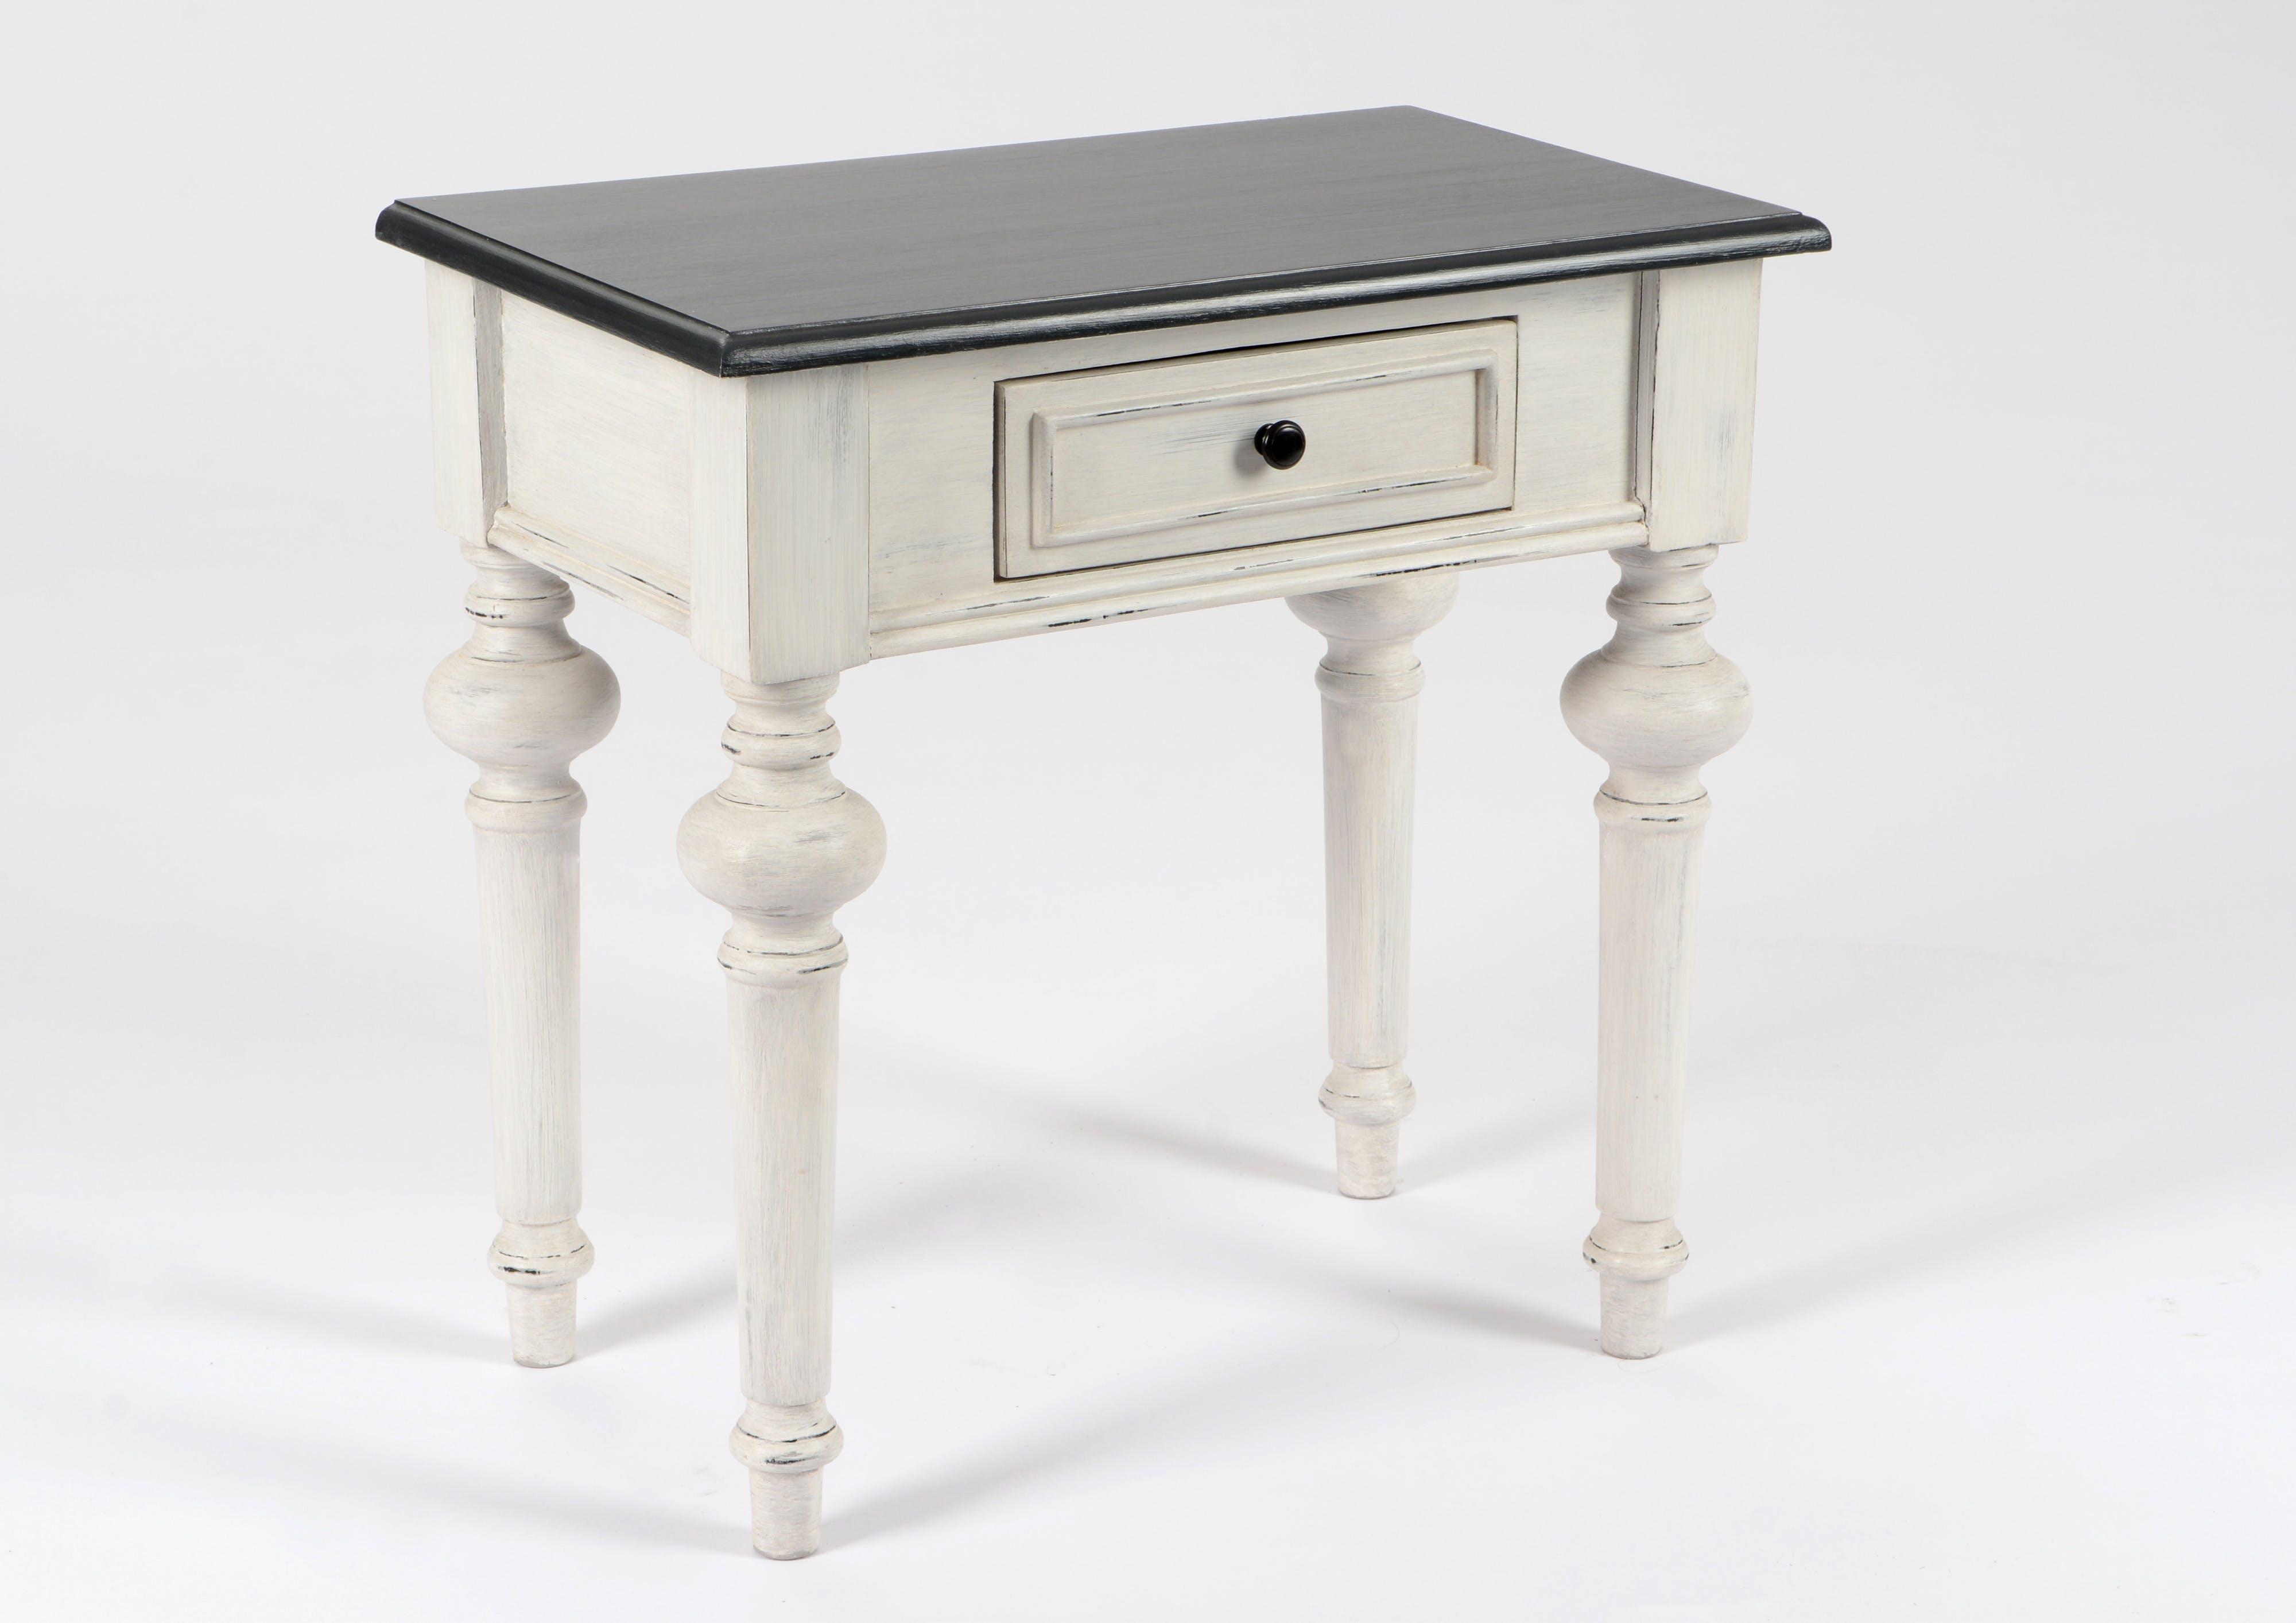 Table de chevet Baroque 1 tiroir HERITAGE bois blanchi plateau anthracite 50x30x50cm AMADEUS